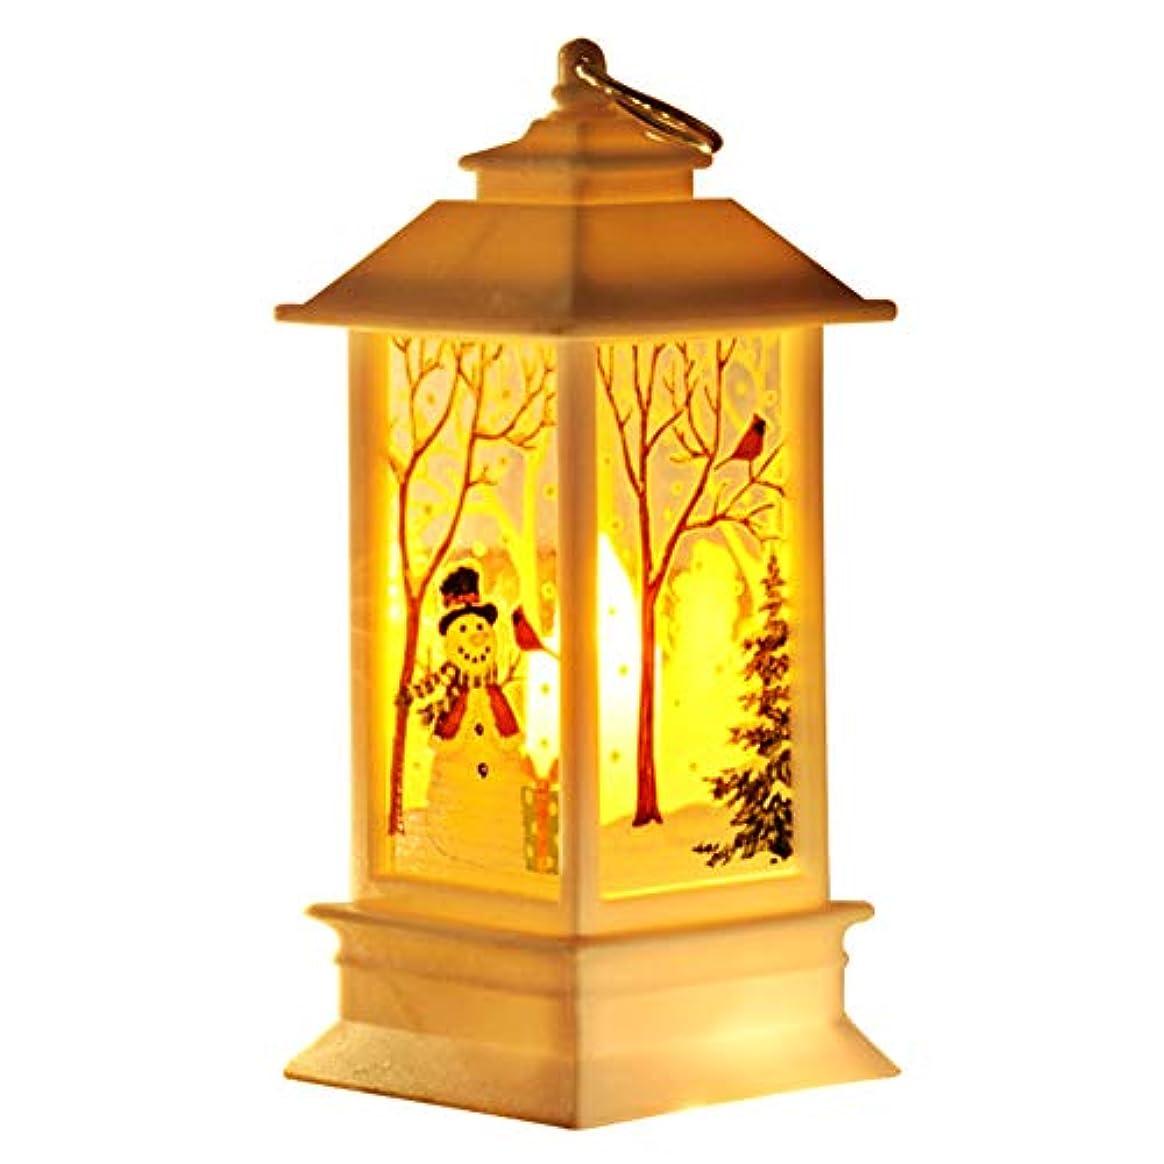 動機付ける幸運クラシックZaRoing ホームバー用の小さなクリスマスランタンランプデスクライトフェスティバルテーブル装飾